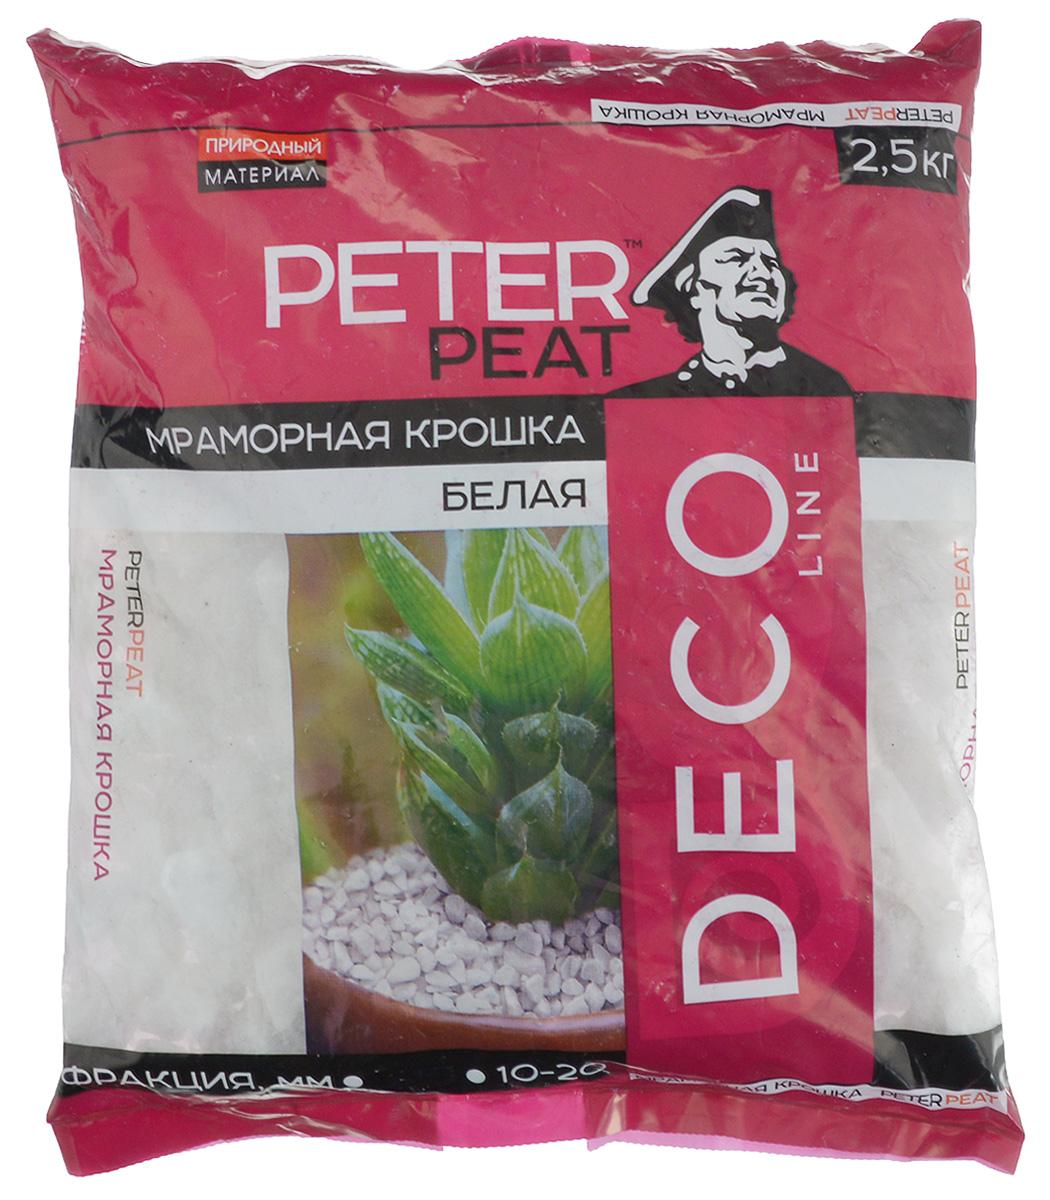 Мраморная крошка Peter Peat, крупная, цвет: белый, 2,5 кг крошка мраморная окрашенная красная фракция 5 10 мм 10 кг